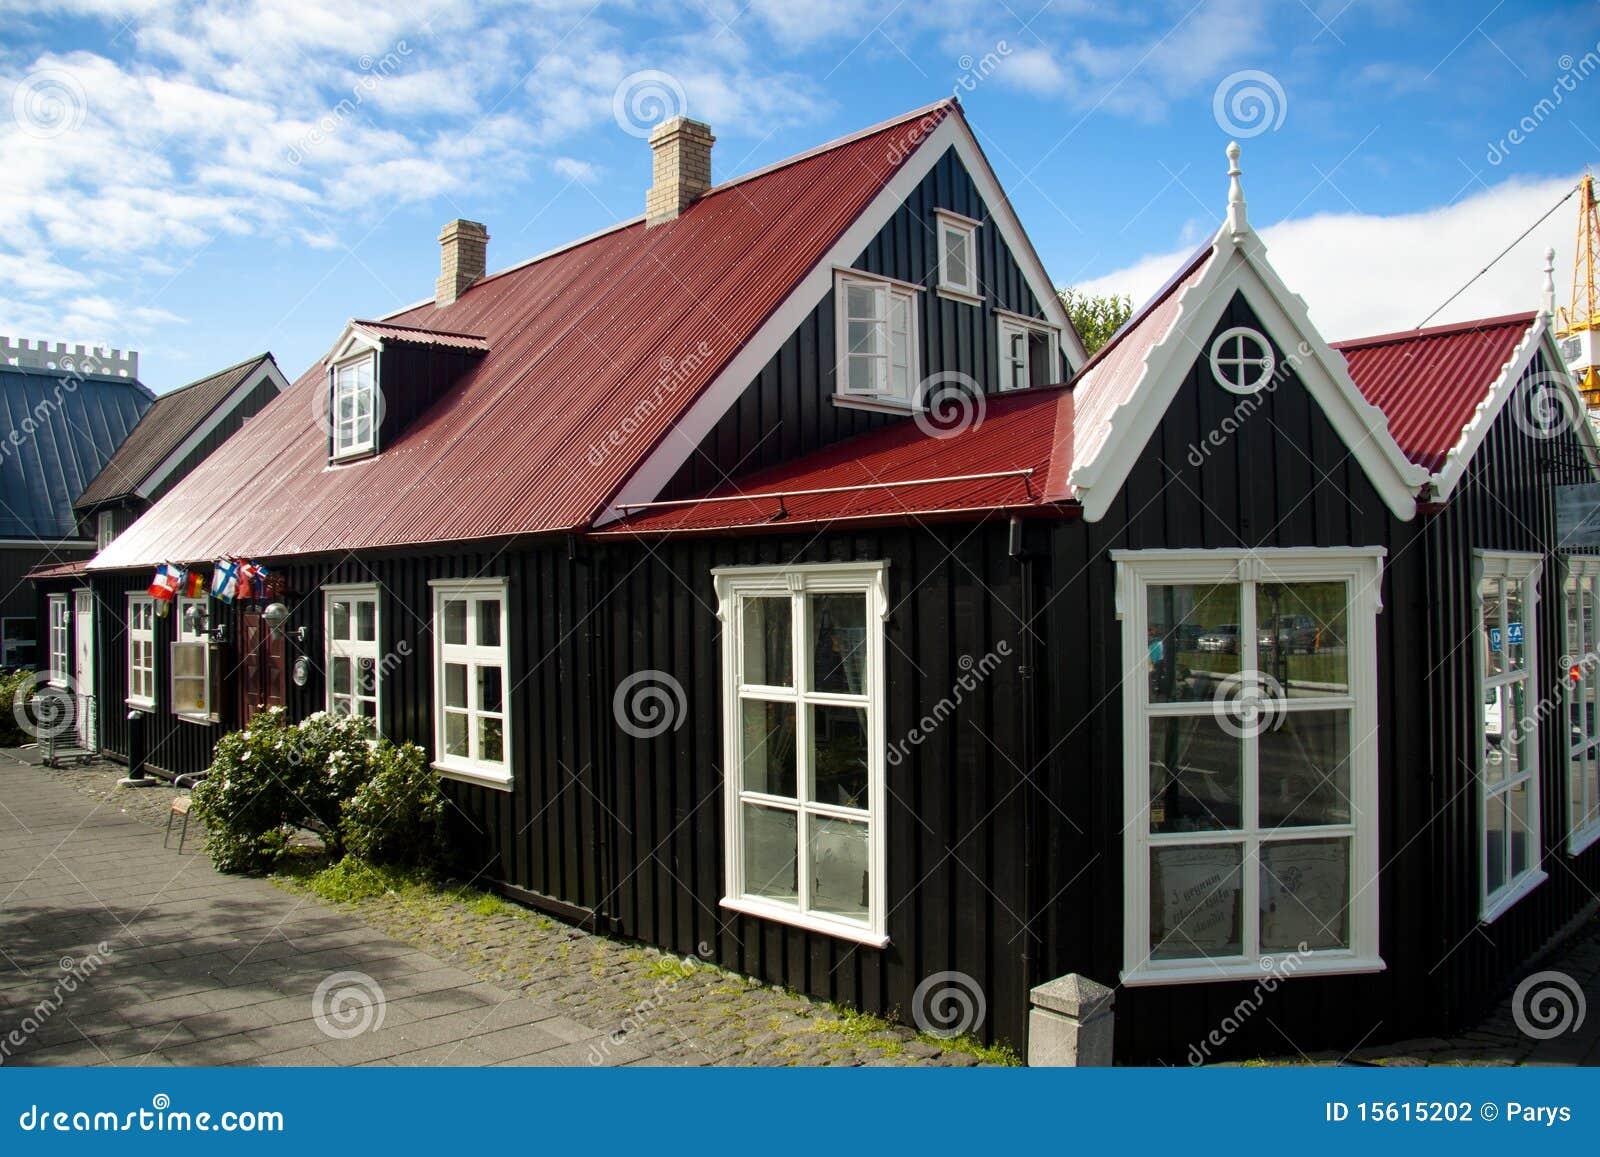 Casa nordica vecchia a reykjavik fotografia stock for Casette di legno in islanda reykjavik